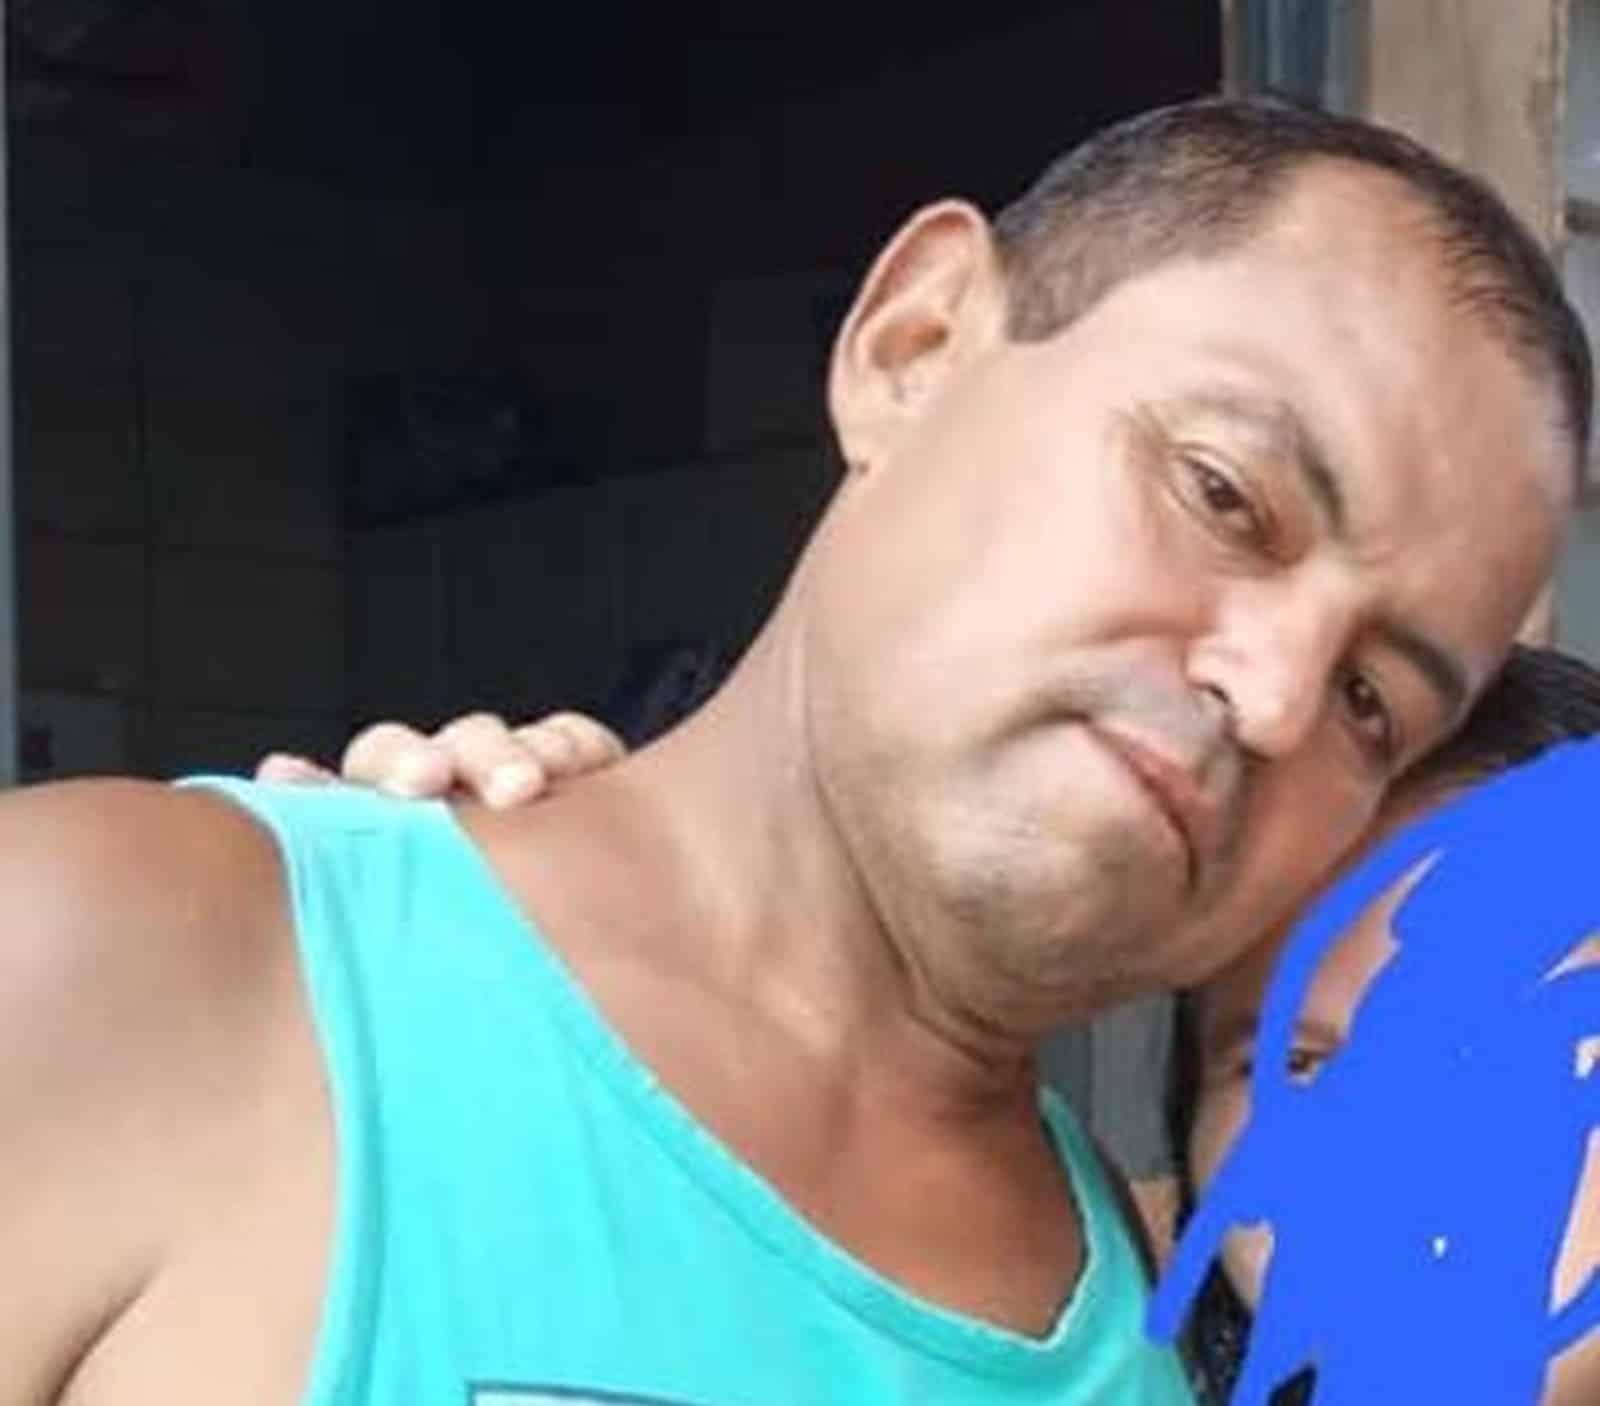 Valdir Adelaide da Silva, de 53 anos, tinha histórico de doenças como hipertensão e diabetes — Foto: Facebook/Reprodução